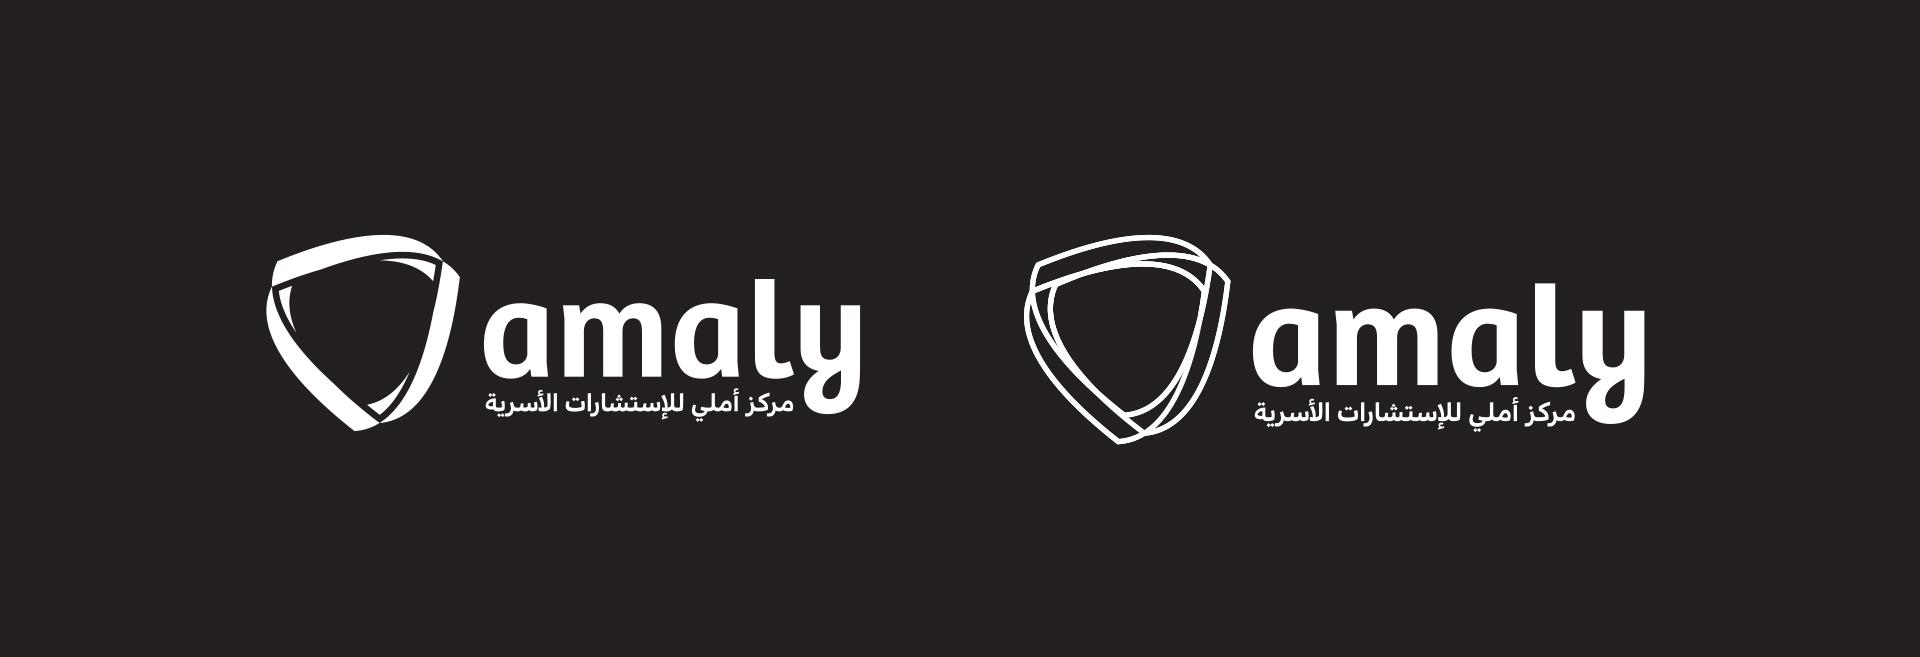 Amaly05